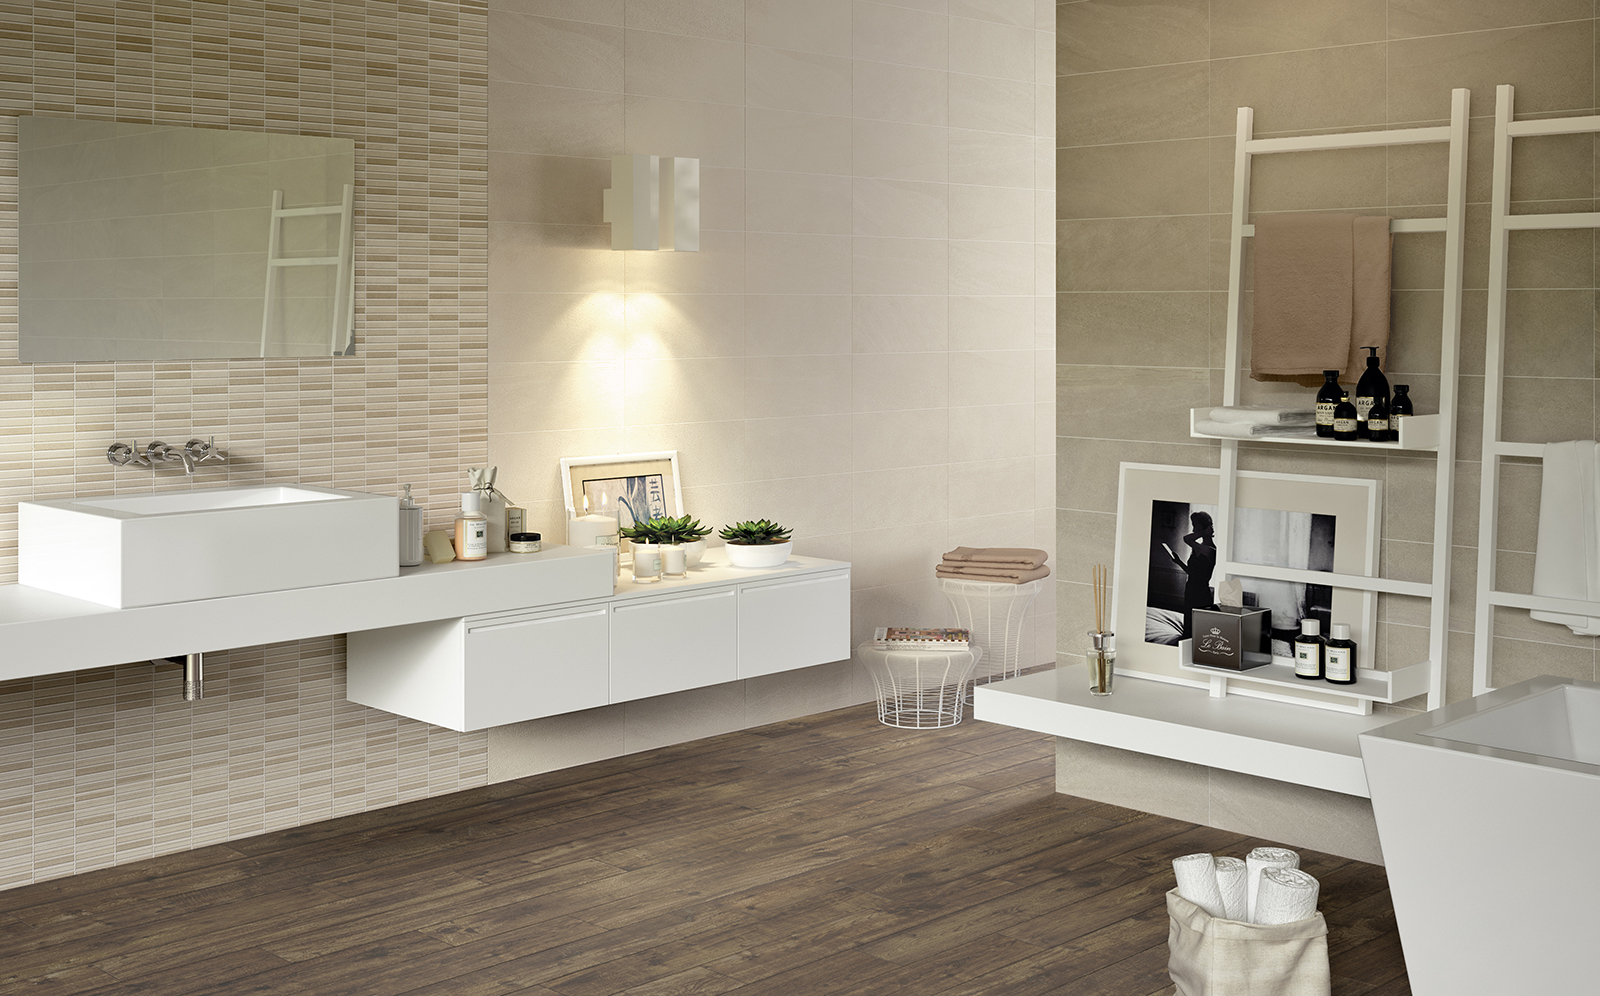 Interiors rivestimento bagno e cucina marazzi for Bagni rivestimenti e pavimenti